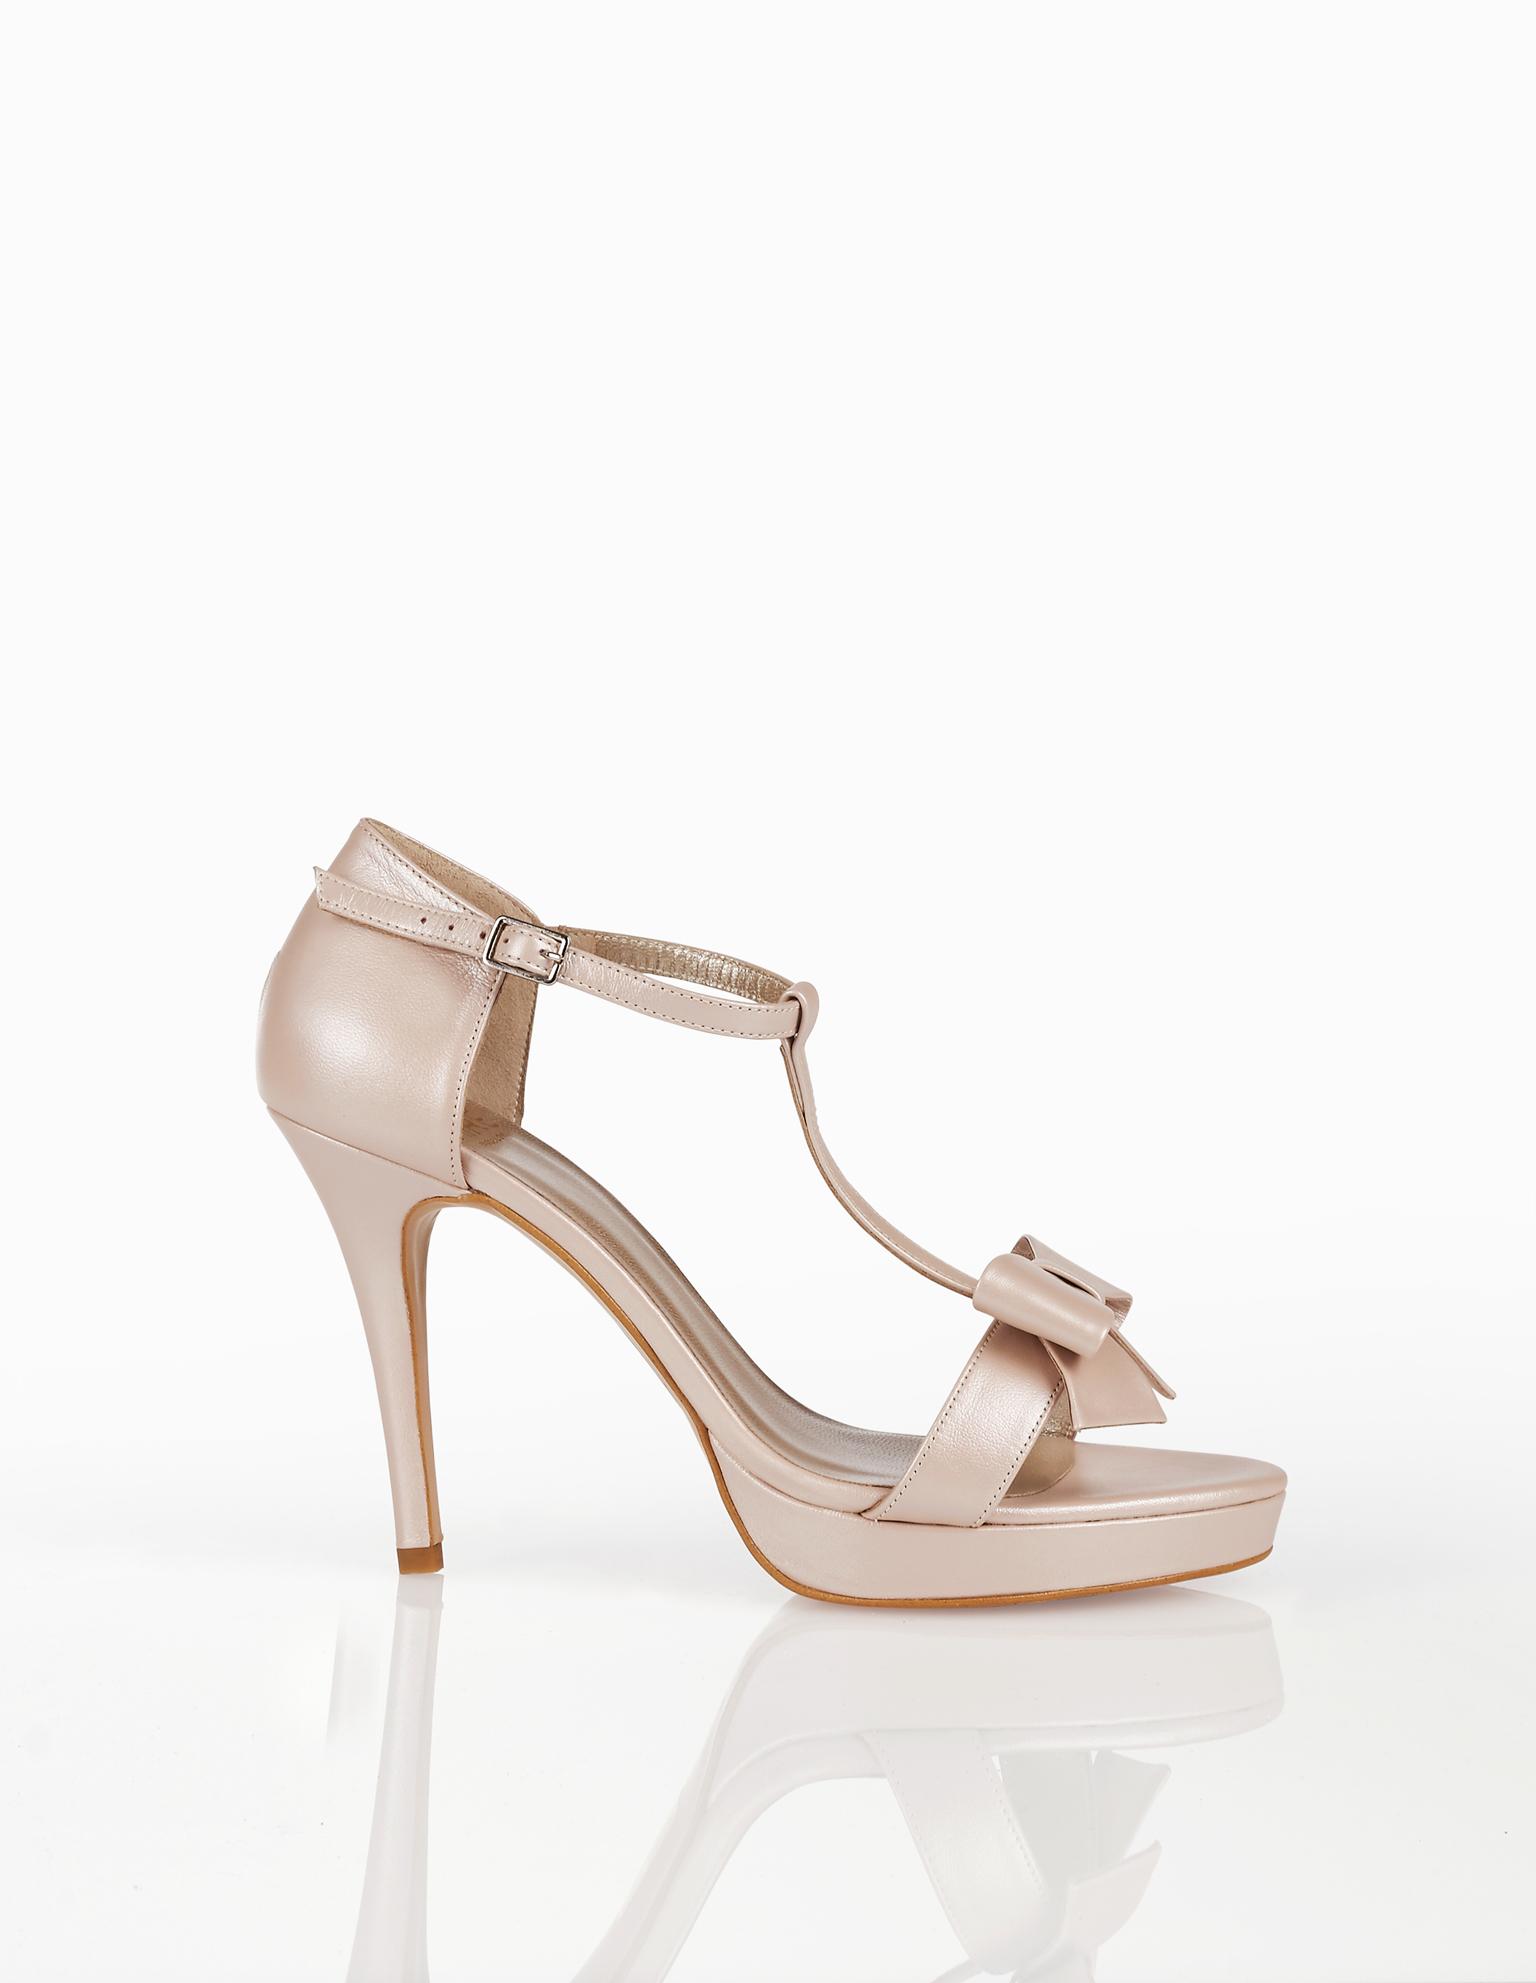 Sandálias de noiva de pele, com plataforma, salto alto, calcanhar coberto e adorno de laço, disponíveis em cor natural, nude, dourado e prateado. Coleção AIRE BARCELONA 2018.